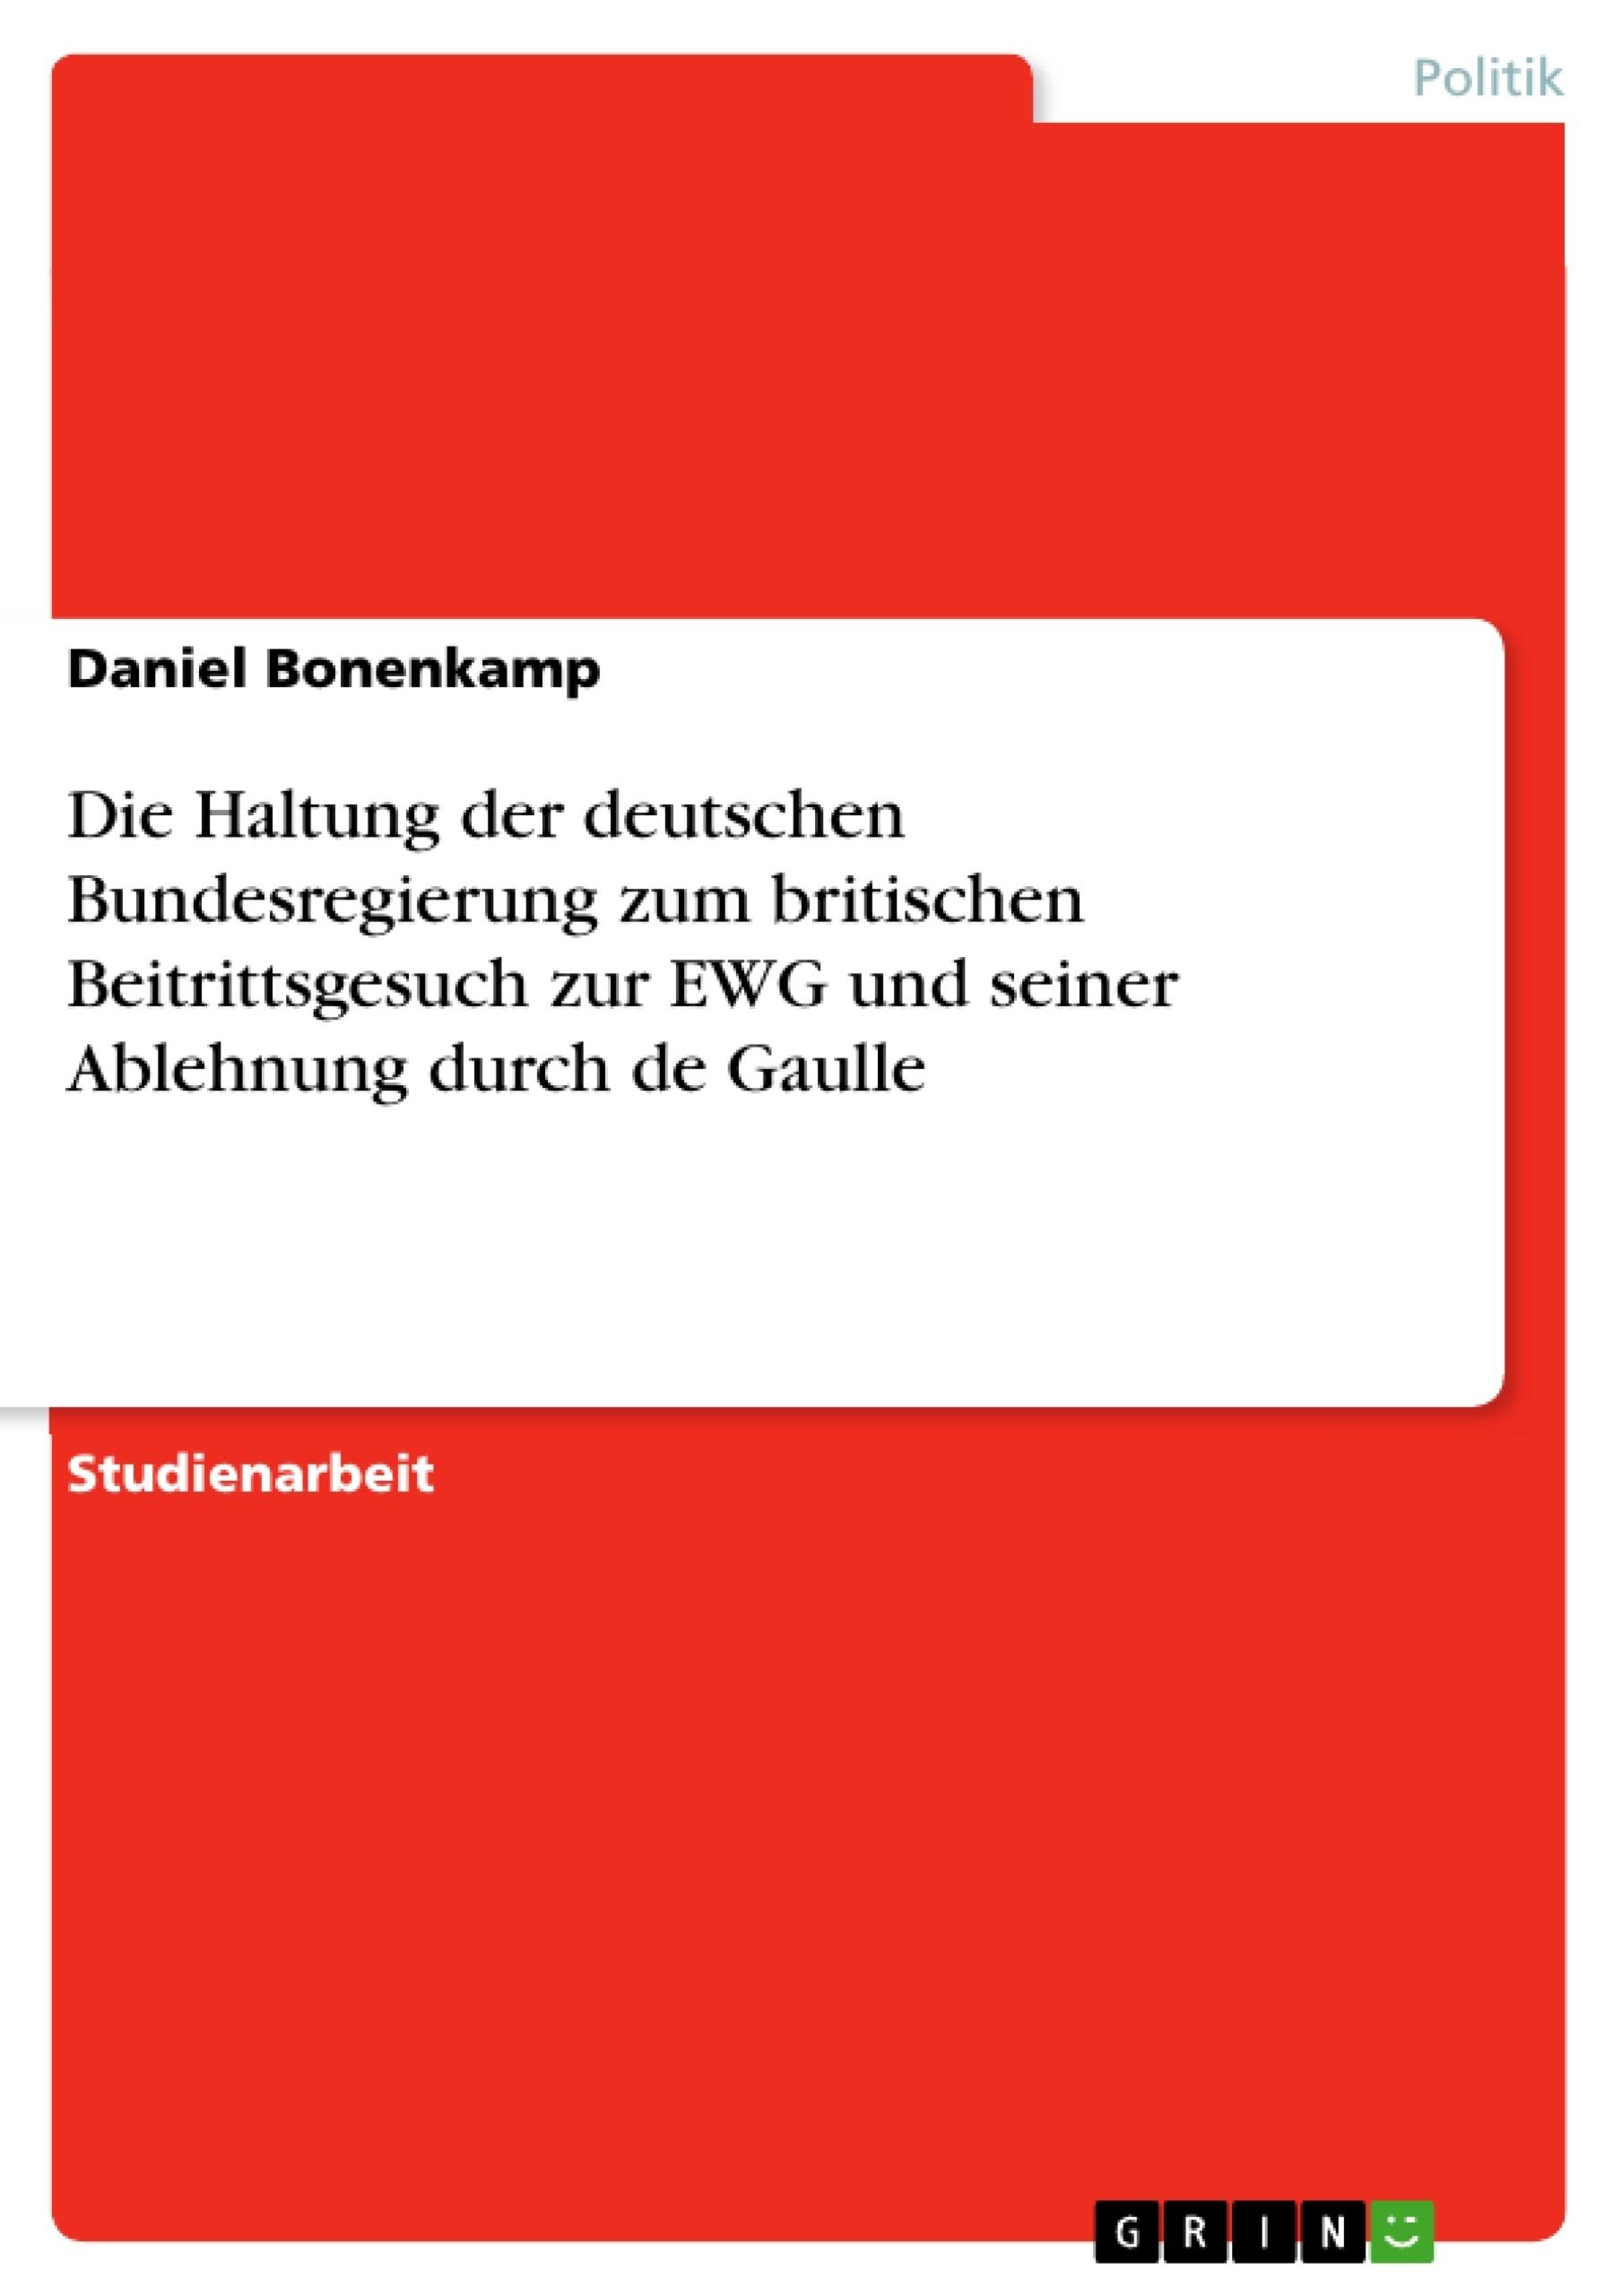 Titel: Die Haltung der deutschen Bundesregierung zum britischen Beitrittsgesuch zur EWG und seiner Ablehnung durch de Gaulle